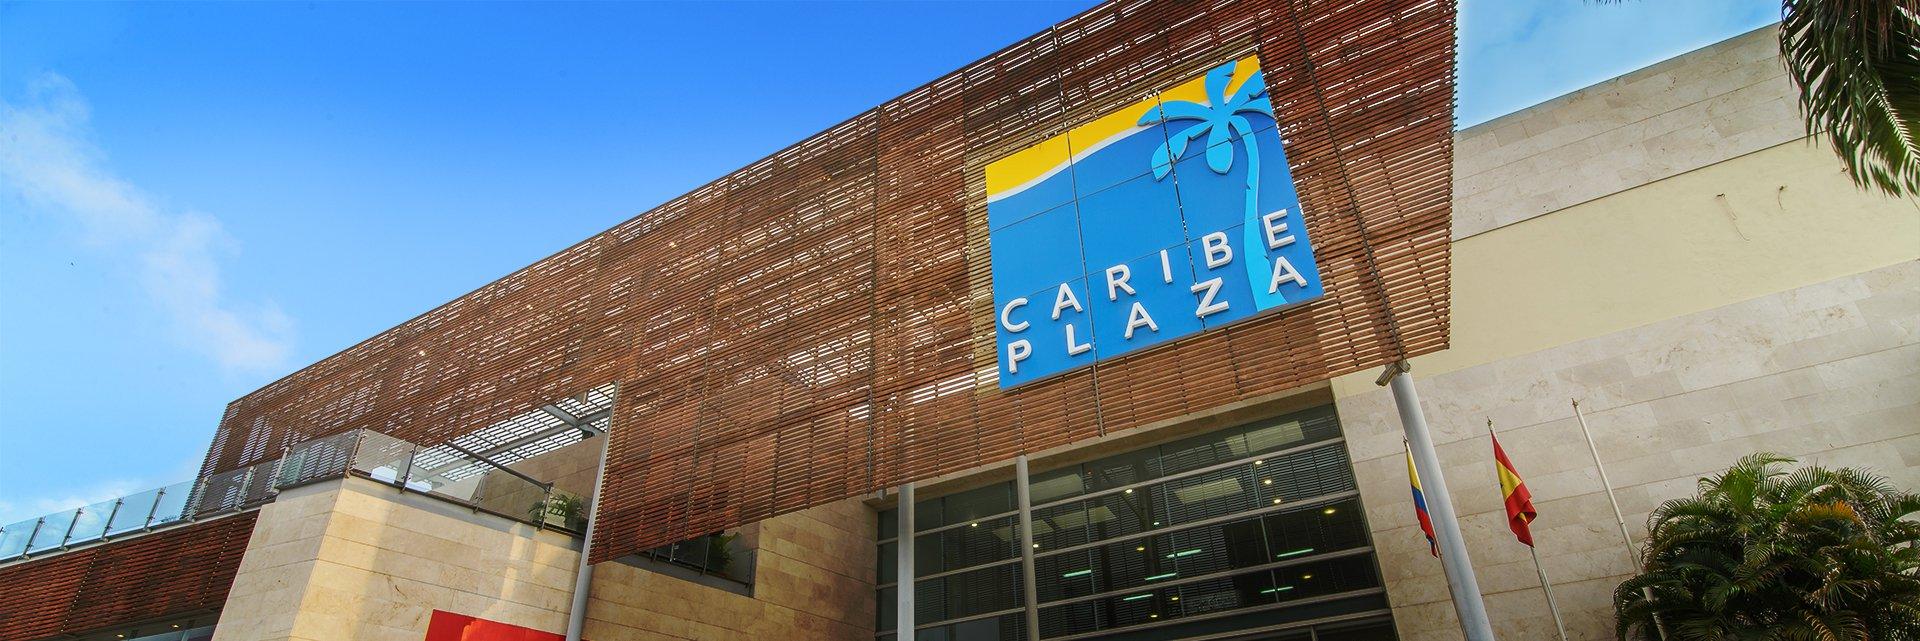 Centro Comercial Caribe Plaza - Cartagena de Indias